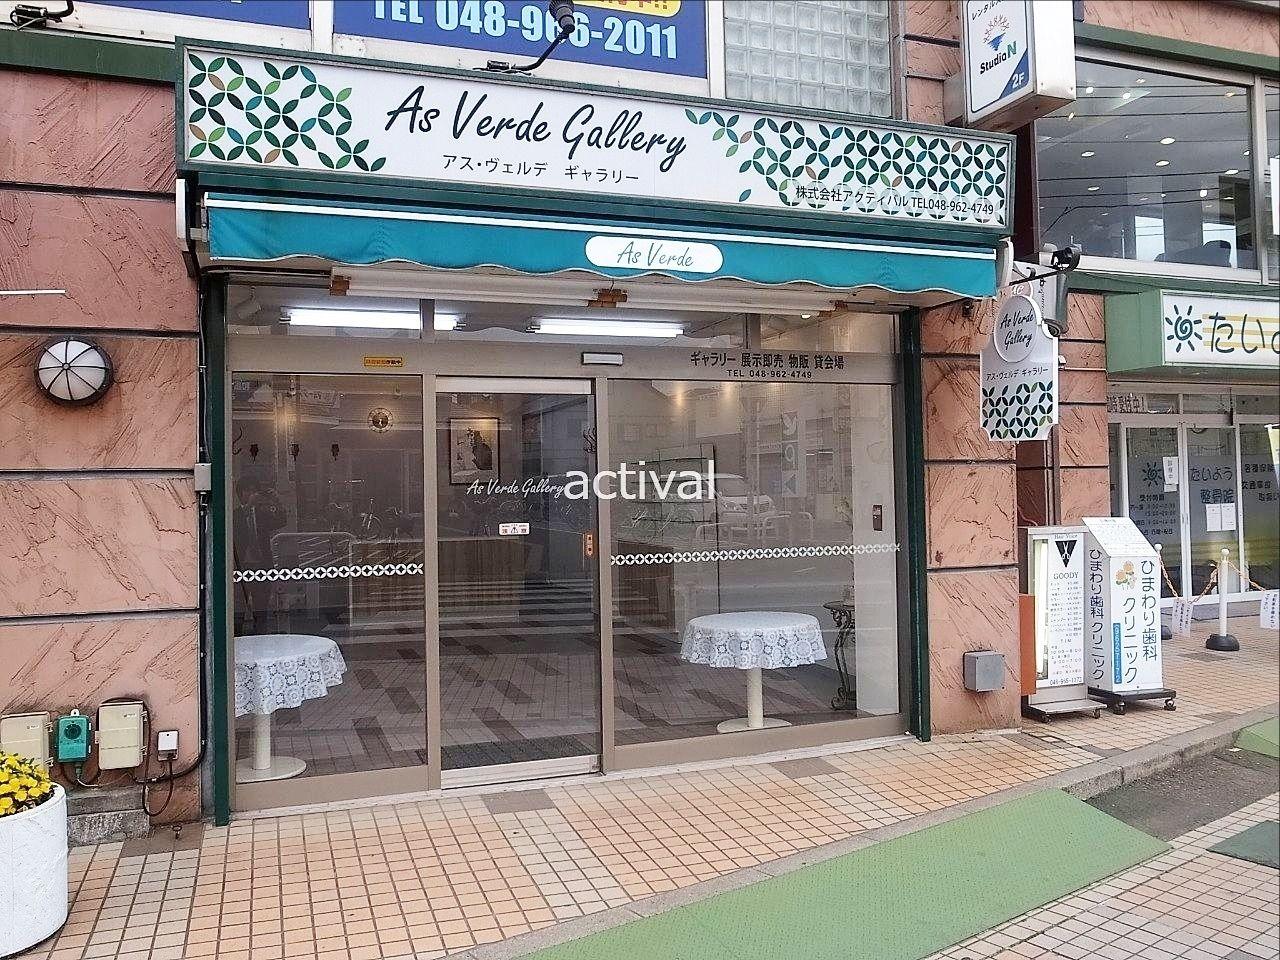 ア・ス・ヴェルデ週貸し店舗は、埼玉県越谷市赤山町のテナントビル「ア・ス・ヴェルデ」にある物販専門の週貸し店舗(レンタルショップ・ウィークリーショップ)です。